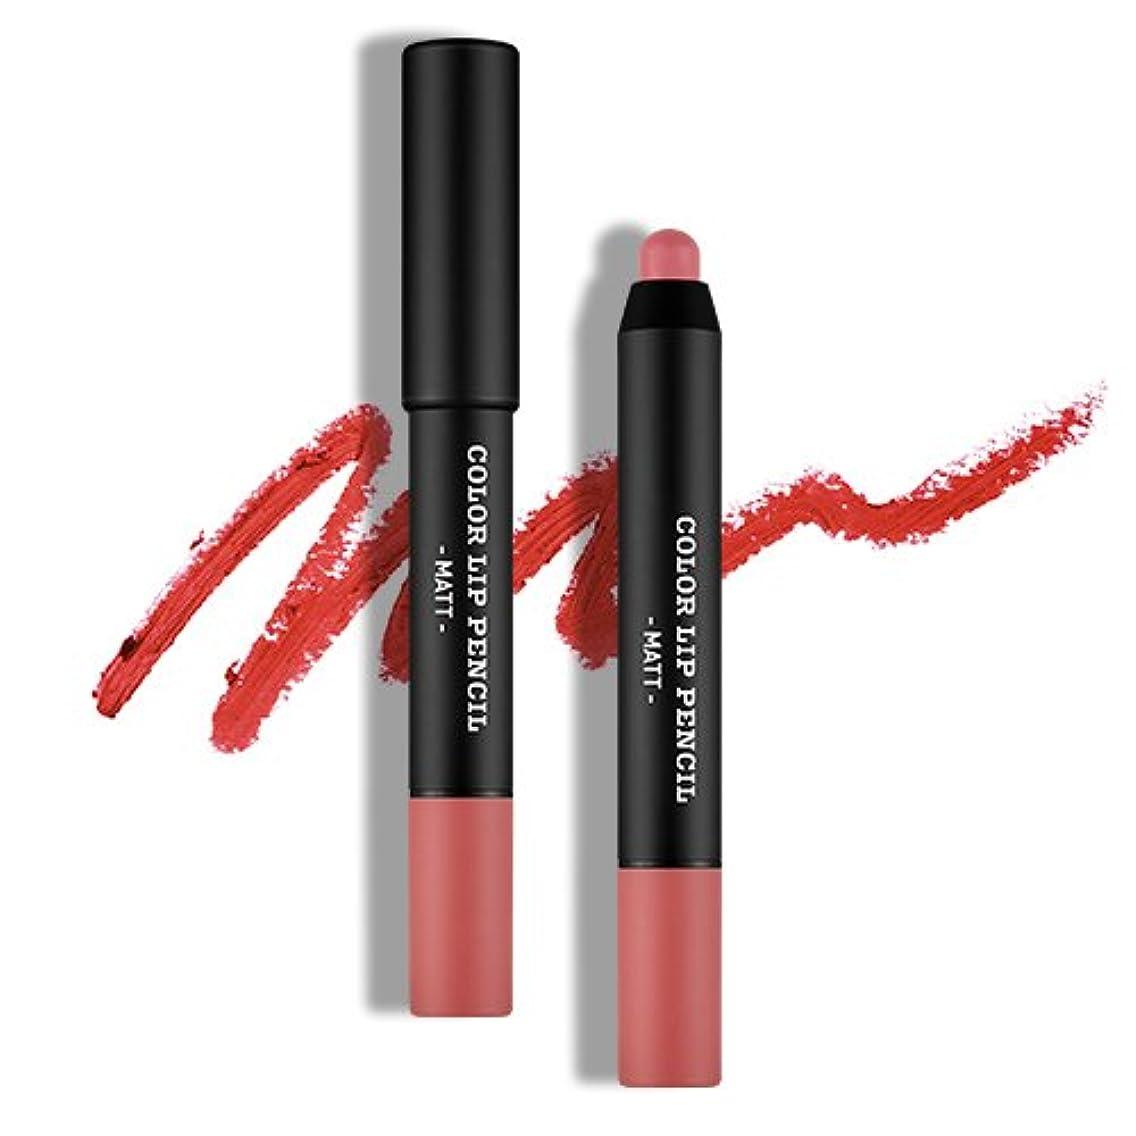 高さ拍車驚かす[韓国コスメ Apieu] [オピュ] カラーリップペンシル(マット) [Apieu] Color Lip Pencil(Matt) (CR02) [並行輸入品]